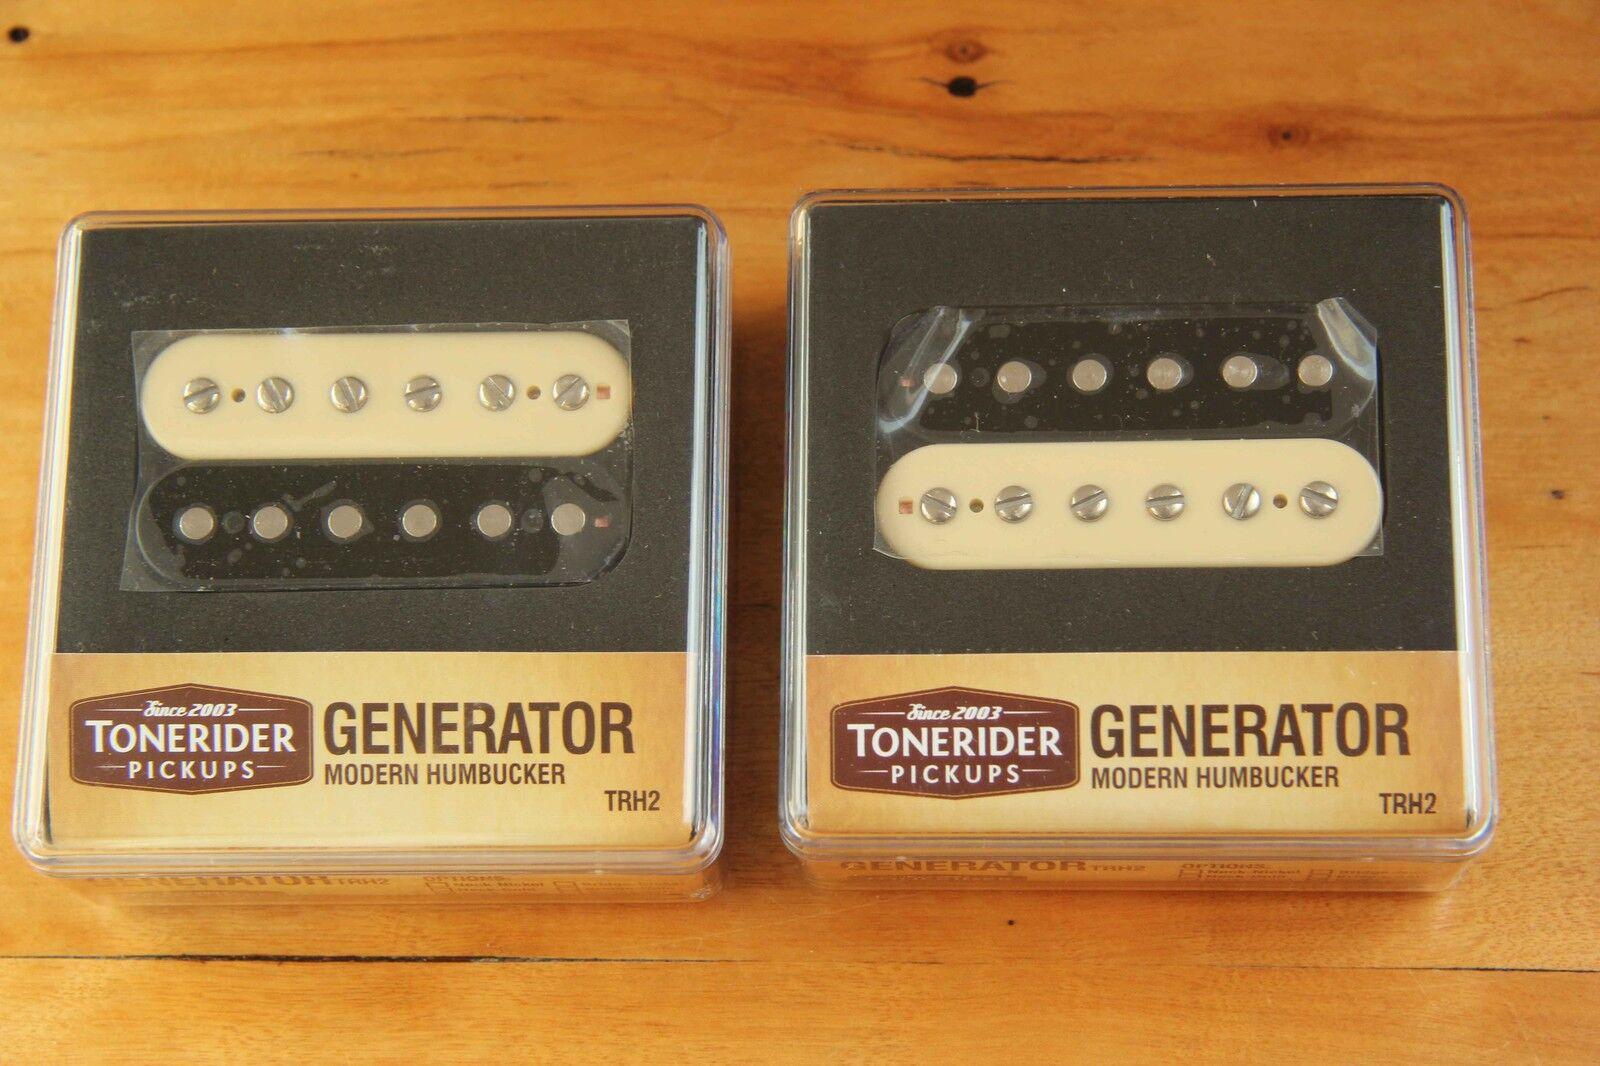 Generador Alnico V set trh2 8+16k Handbuilt Tonerider Tonerider Handbuilt Open cebra Screamin 'solos 179ab3